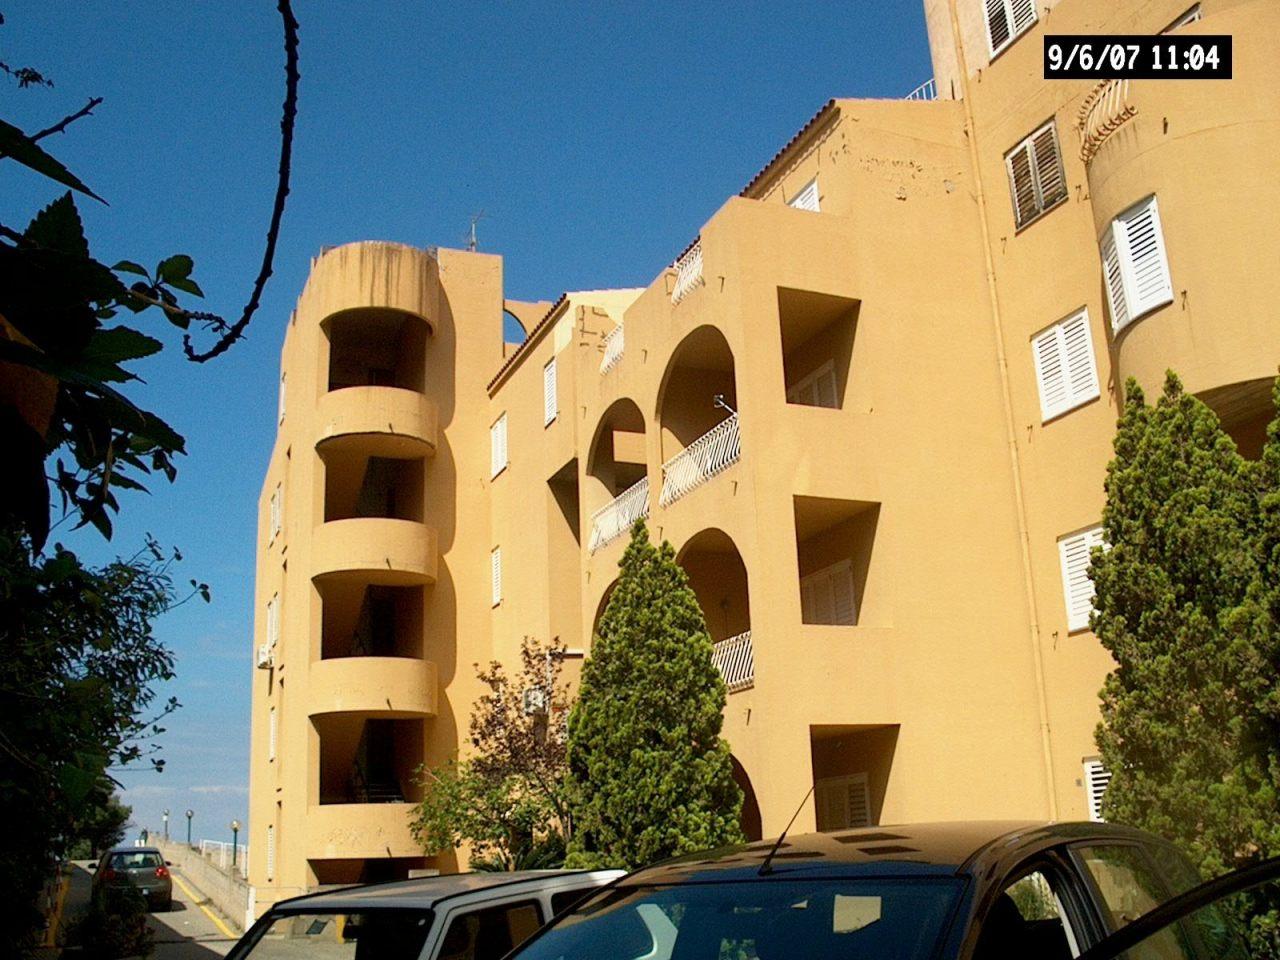 Appartamento in vendita a Reggio Calabria, 2 locali, prezzo € 30.000 | CambioCasa.it